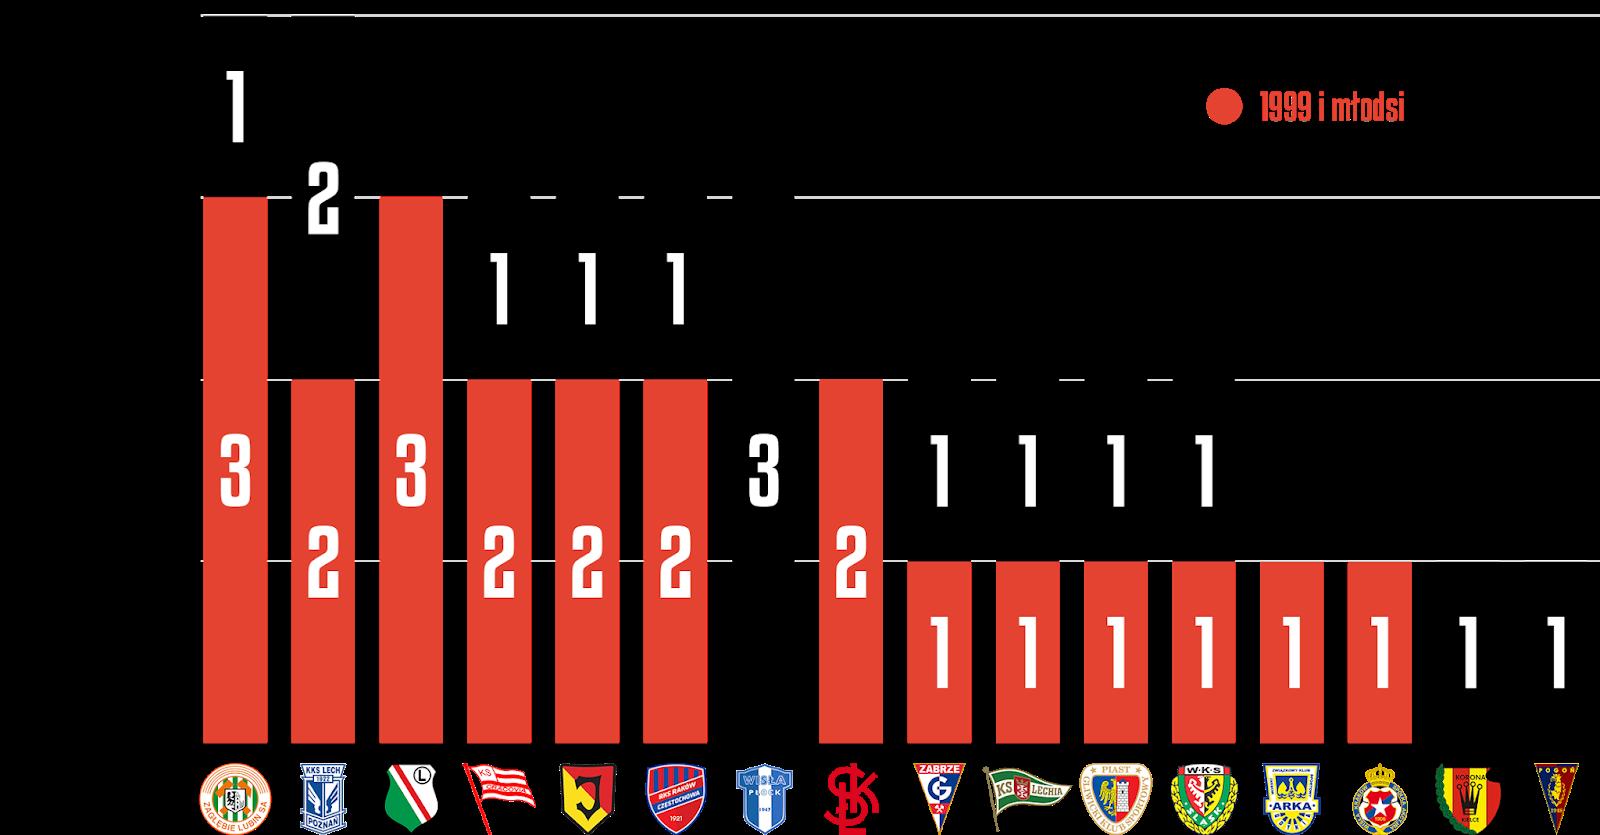 Młodzieżowcy w 19. kolejce PKO Ekstraklasy<br><br>Źródło: Opracowanie własne na podstawie ekstrastats.pl<br><br>graf. Bartosz Urban